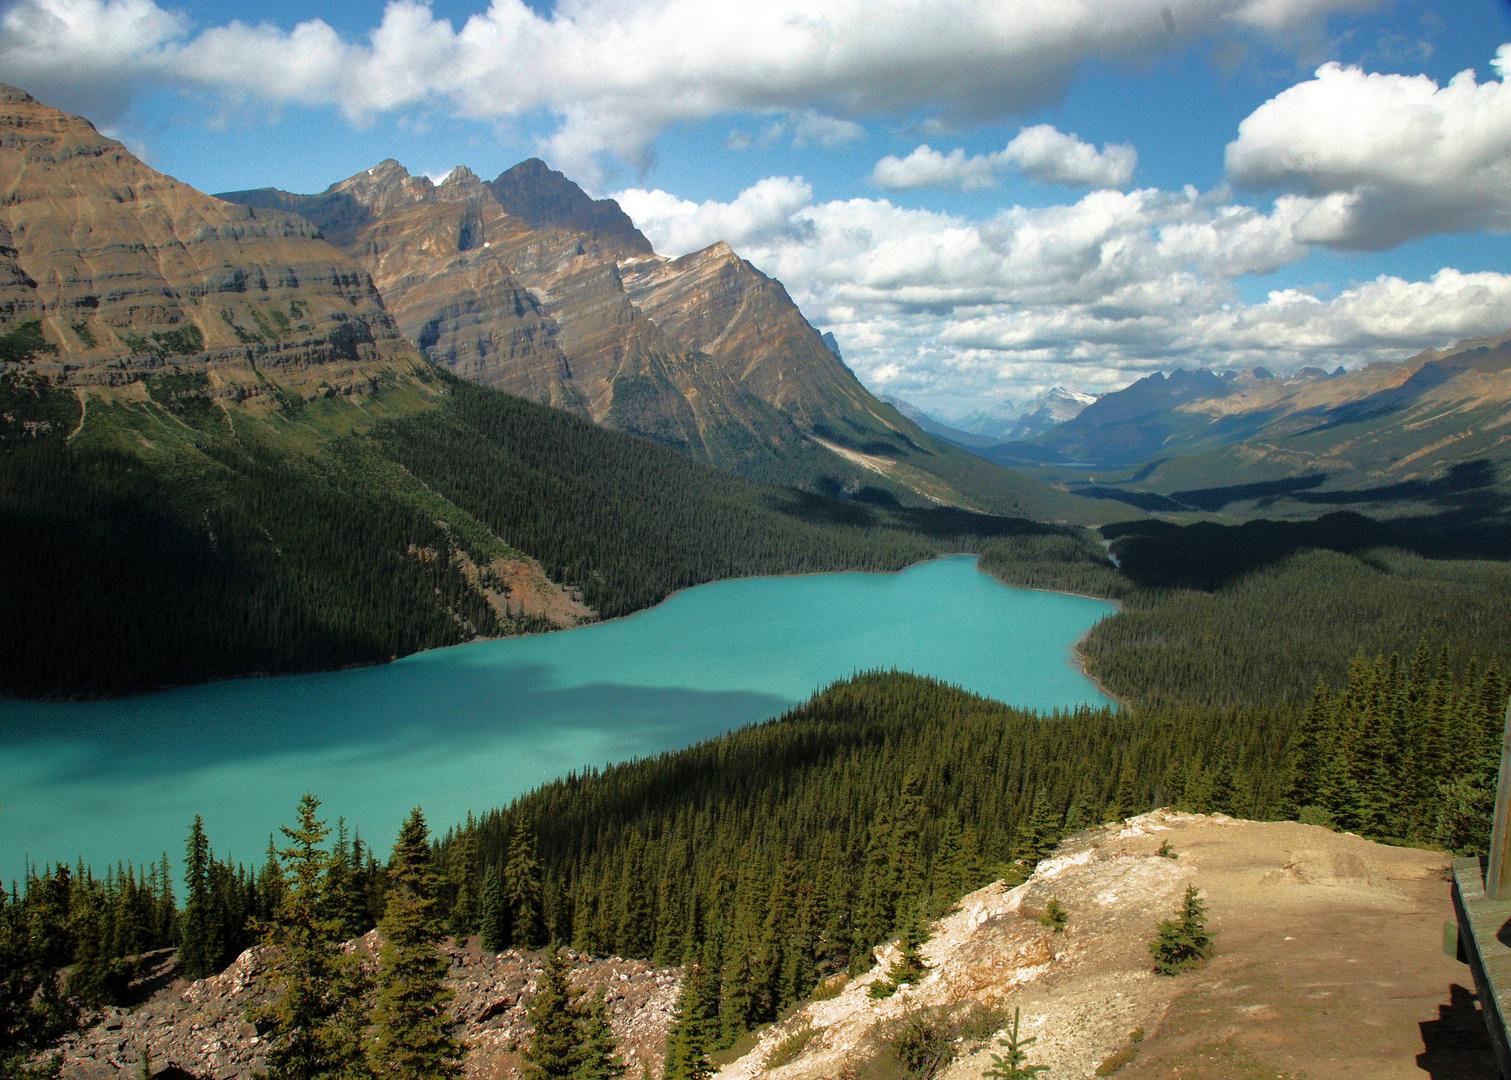 Peyto Lake (Banff National Park, Canada) 2009